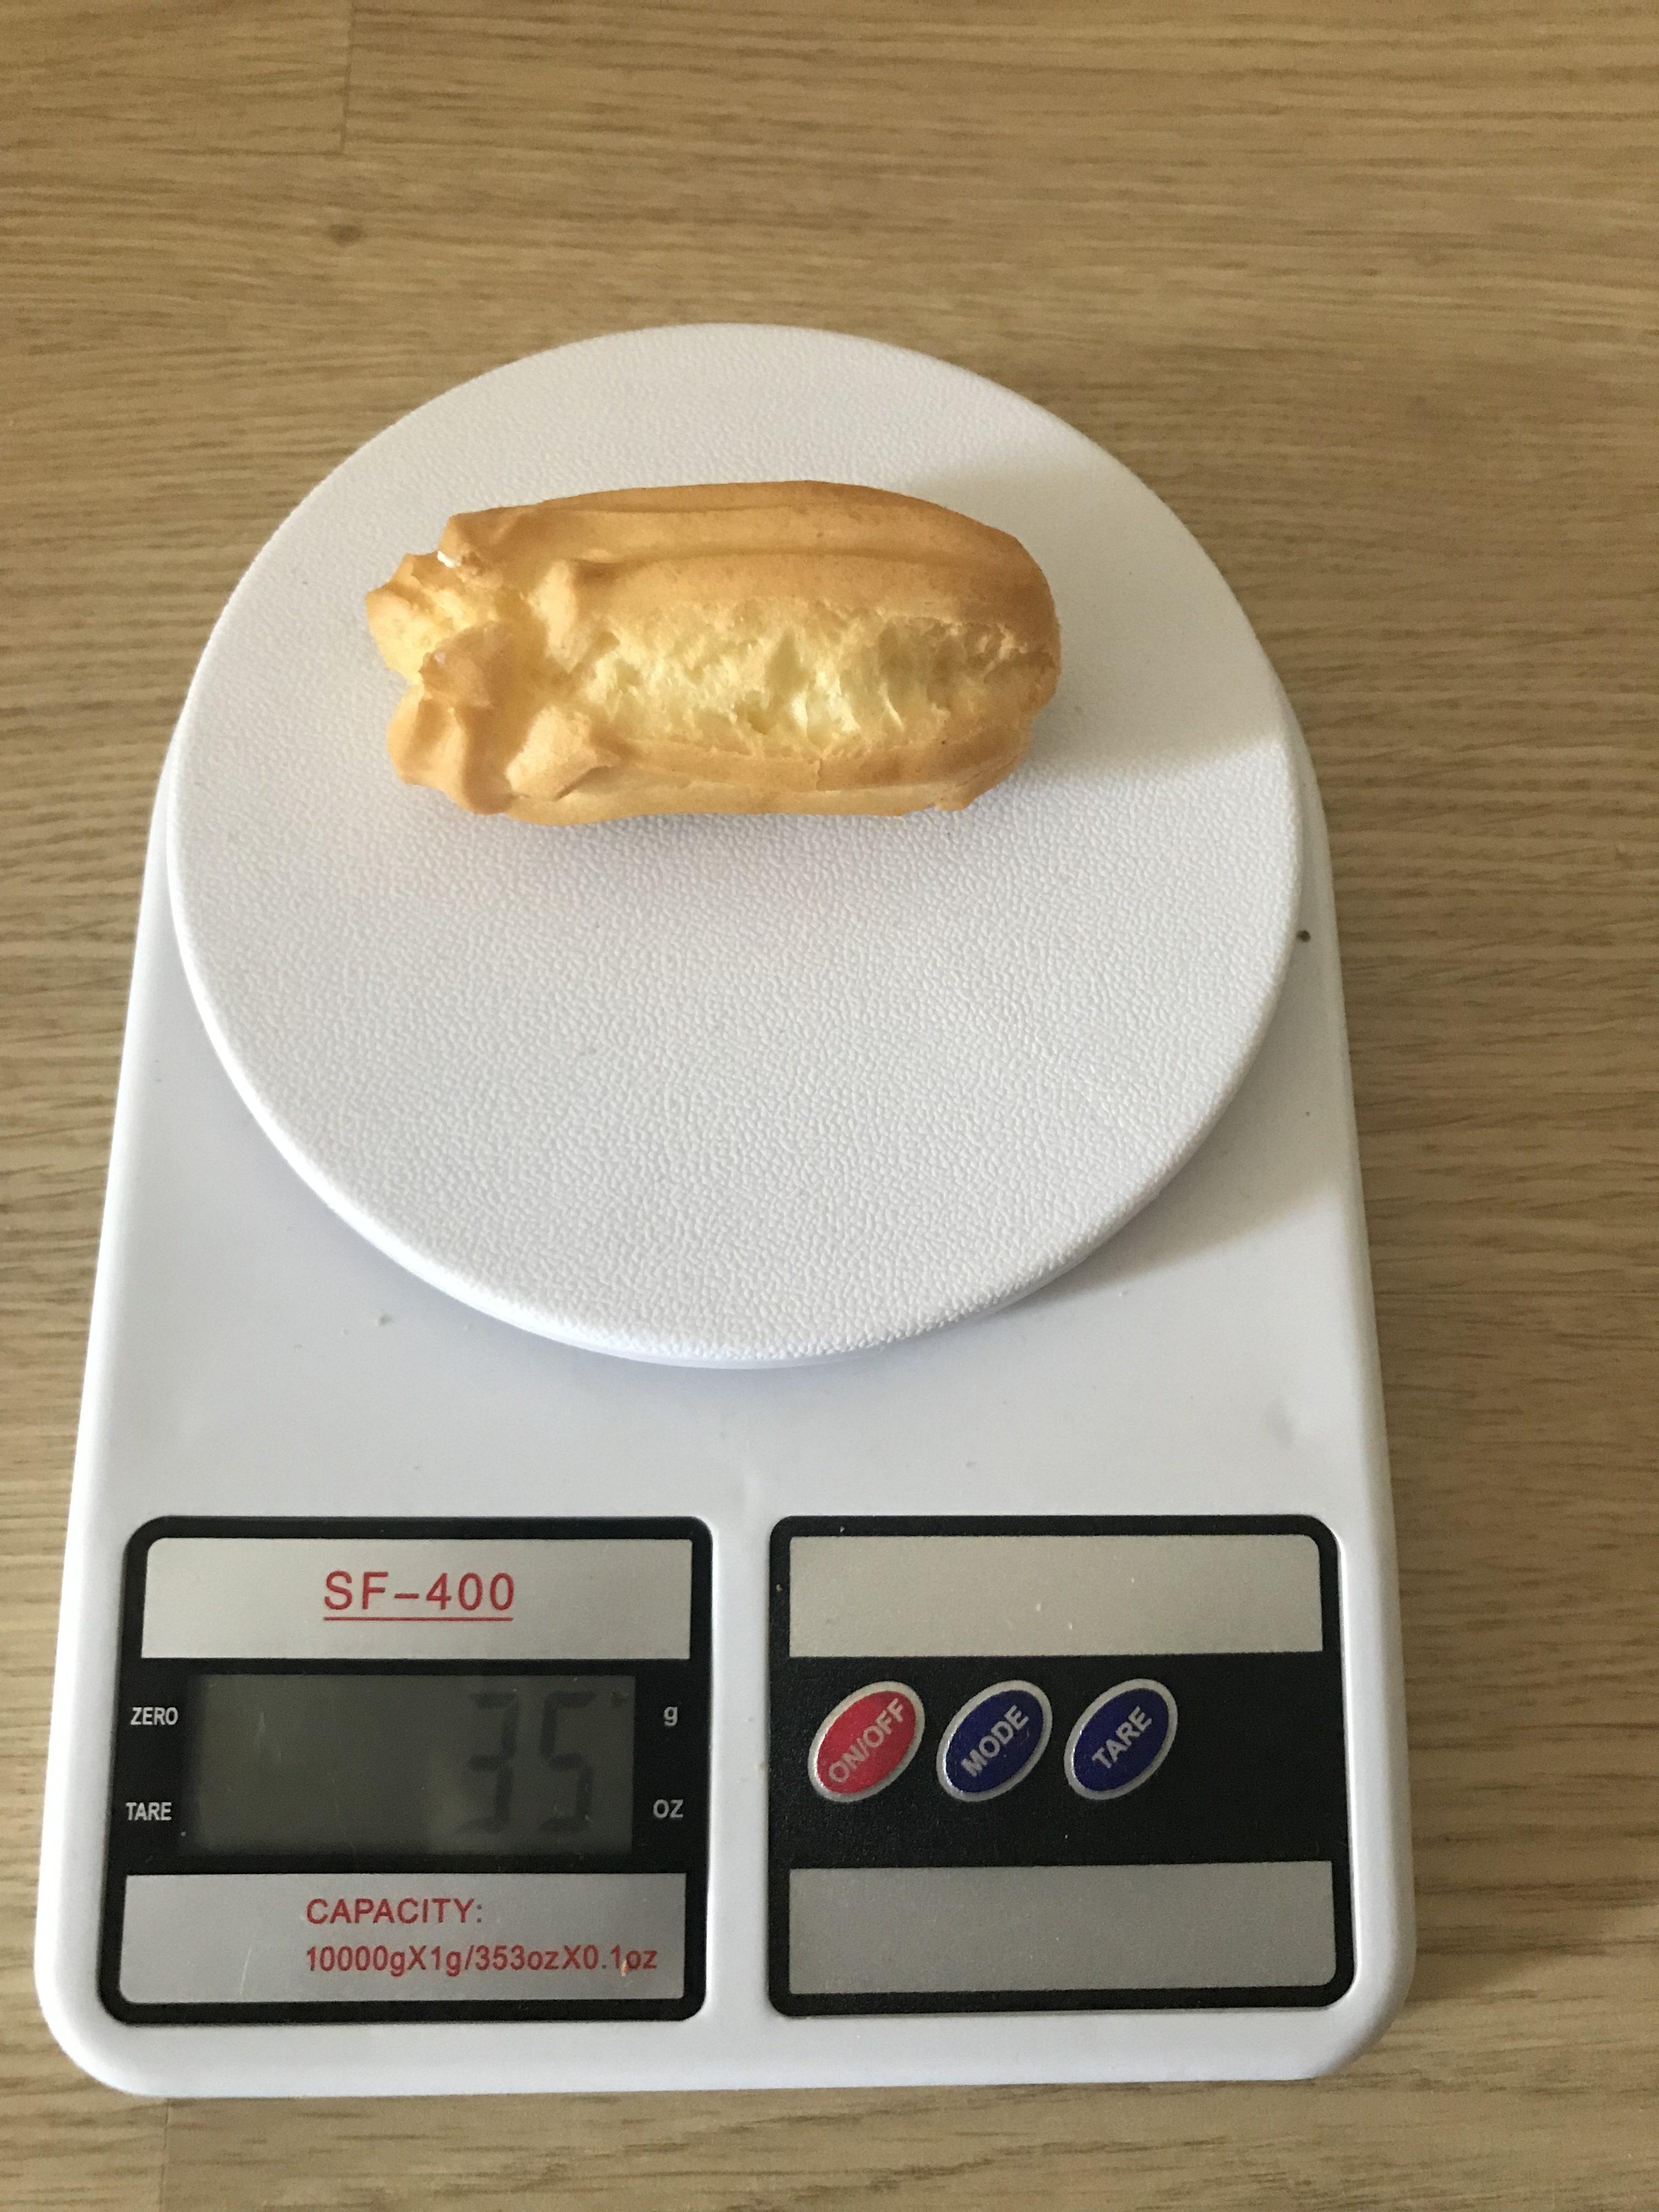 вес эклера с творогом